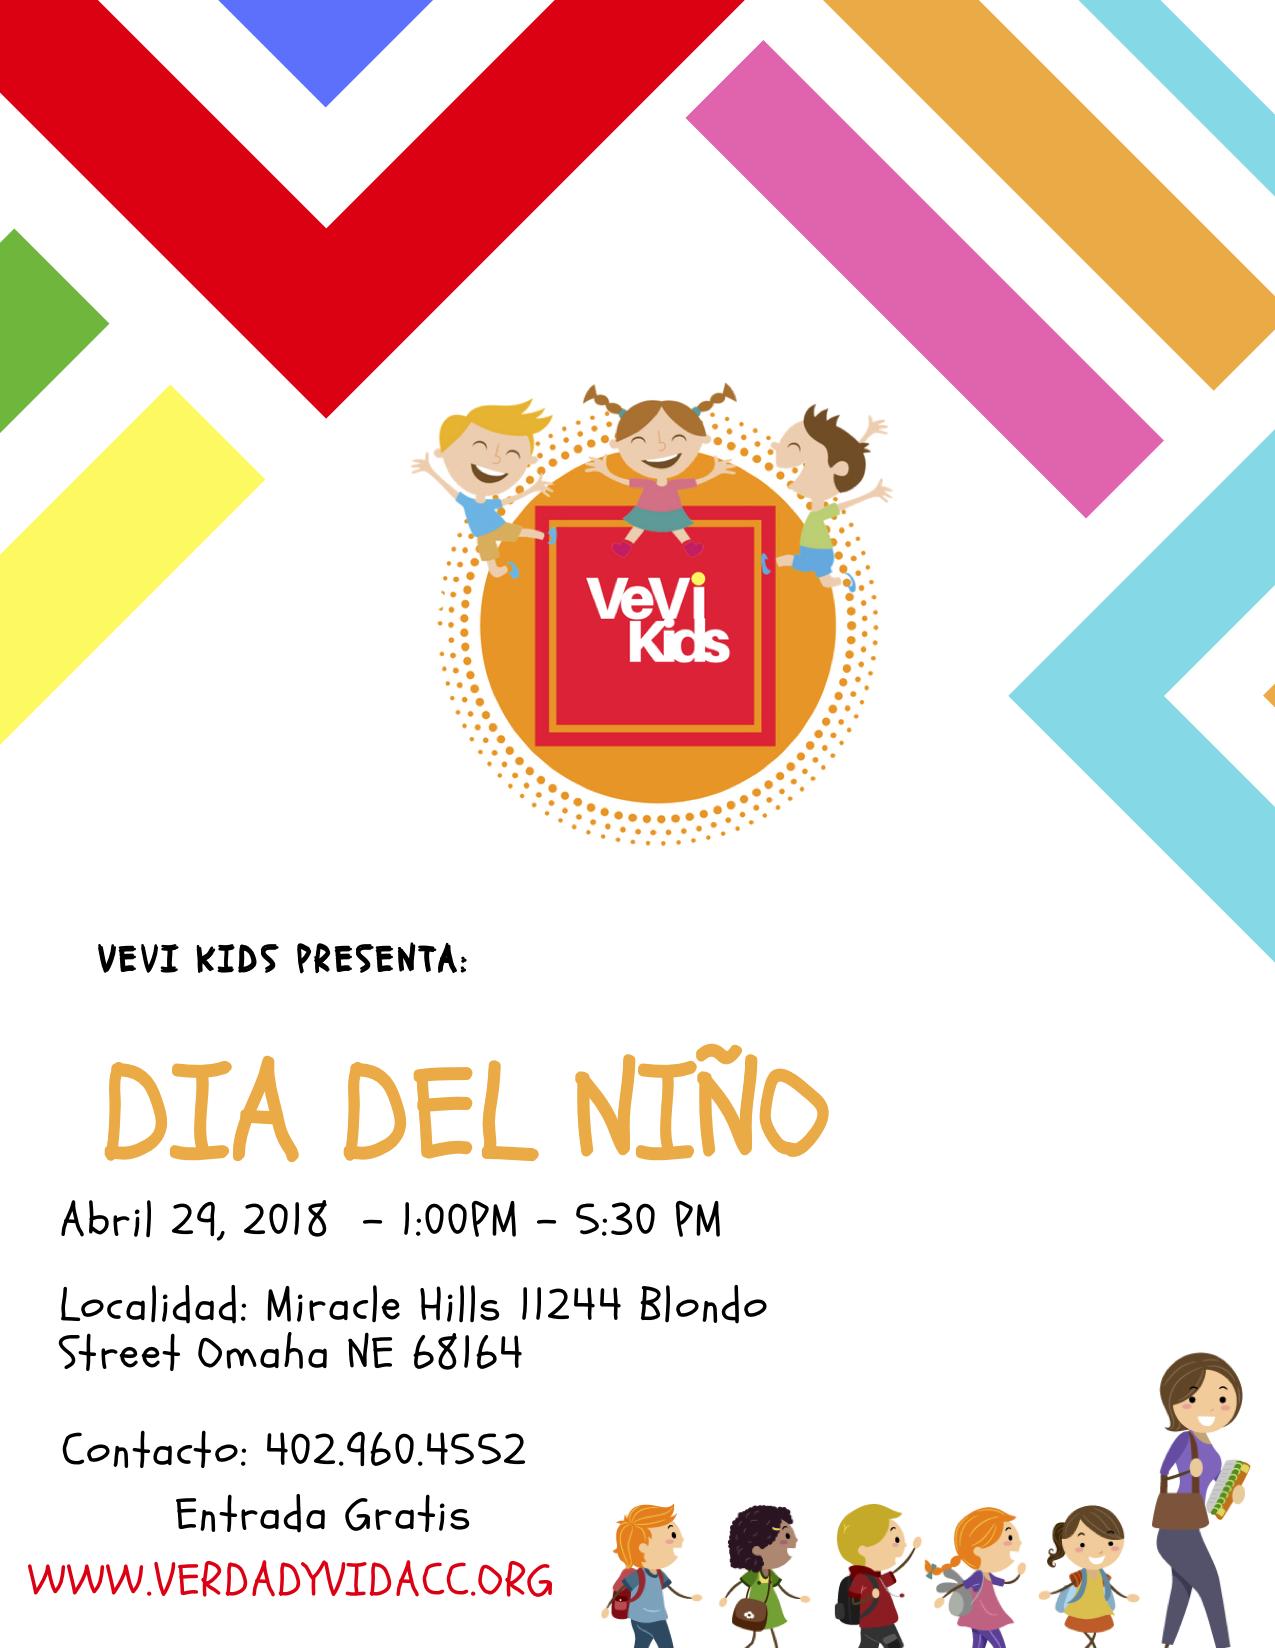 Te invitamos a que nos acompañes a celebrar el día del niño este 29 de Abril. Sera un tiempo de aprender y diversion para cada familia. Te esperamos no te lo pierdas.